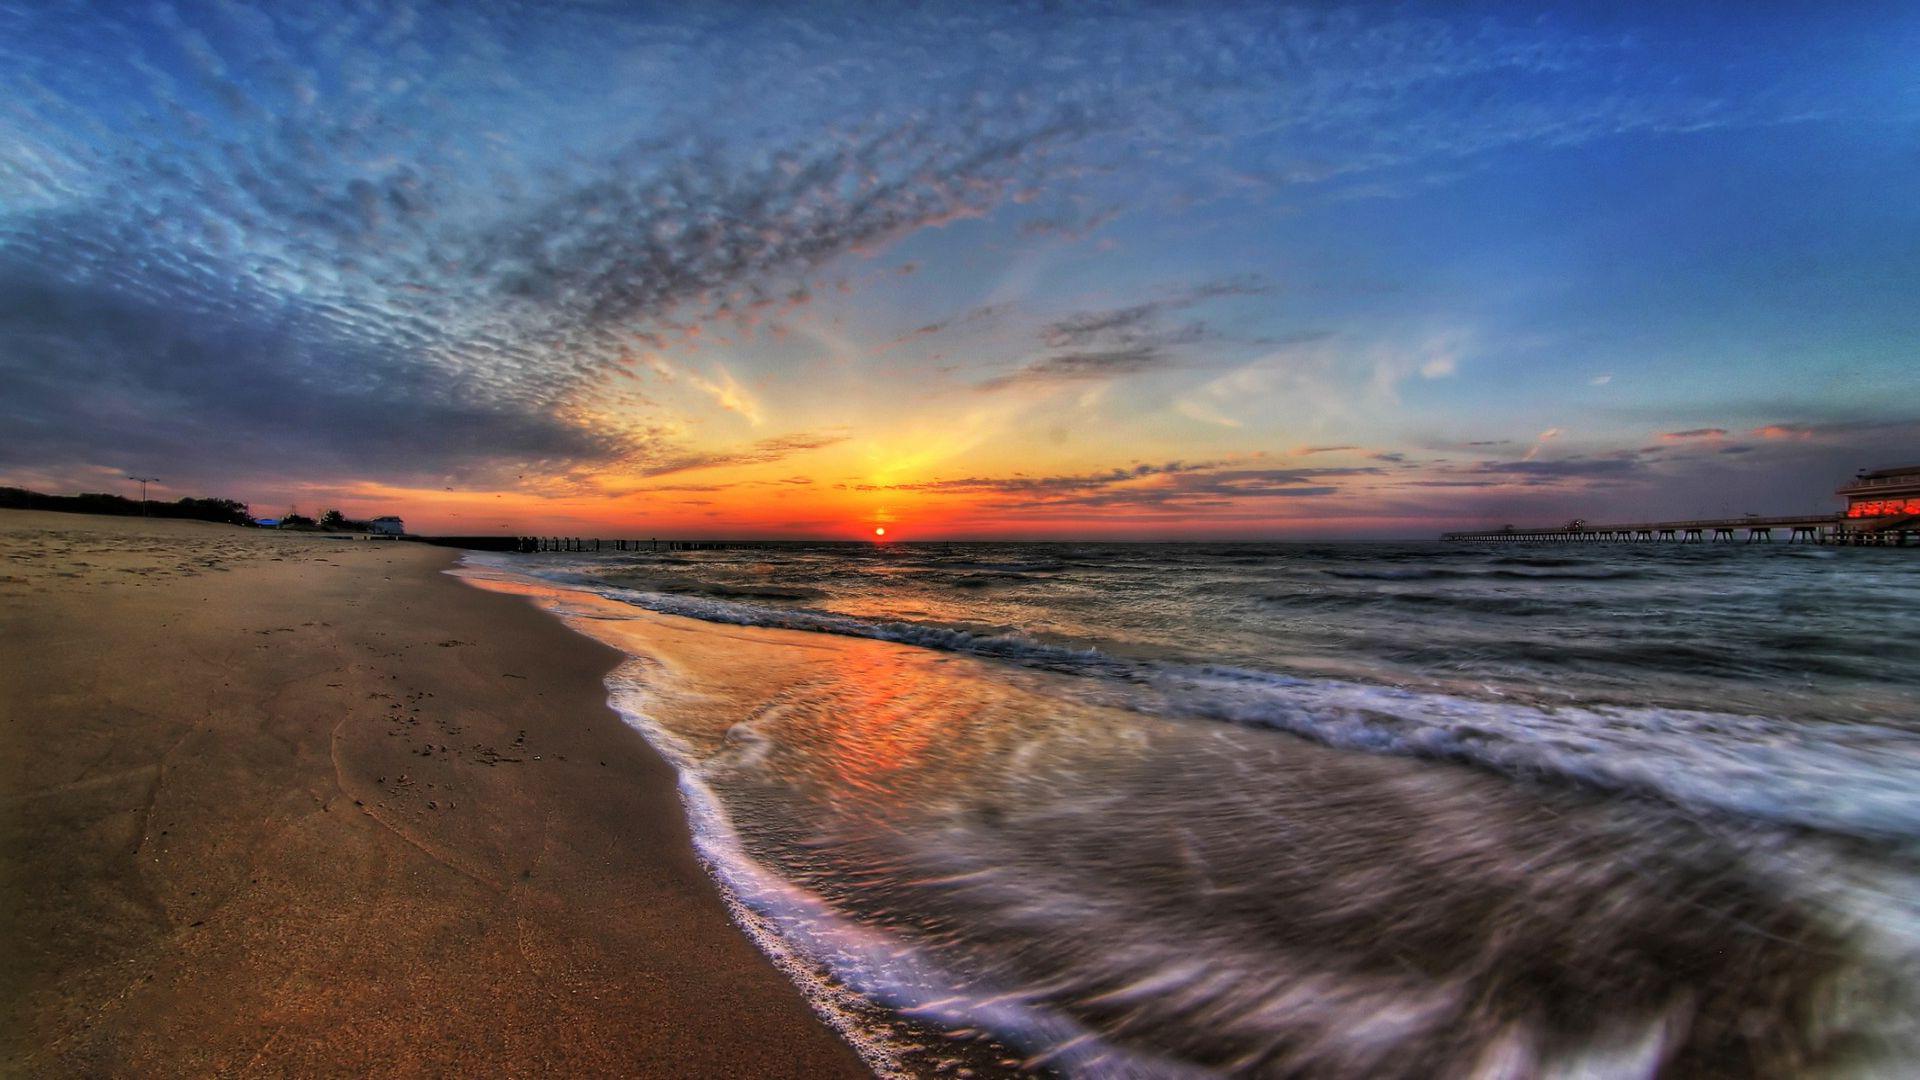 Sunset On The Beach Wallpaper Amazing #53w0bai2 – Yoanu